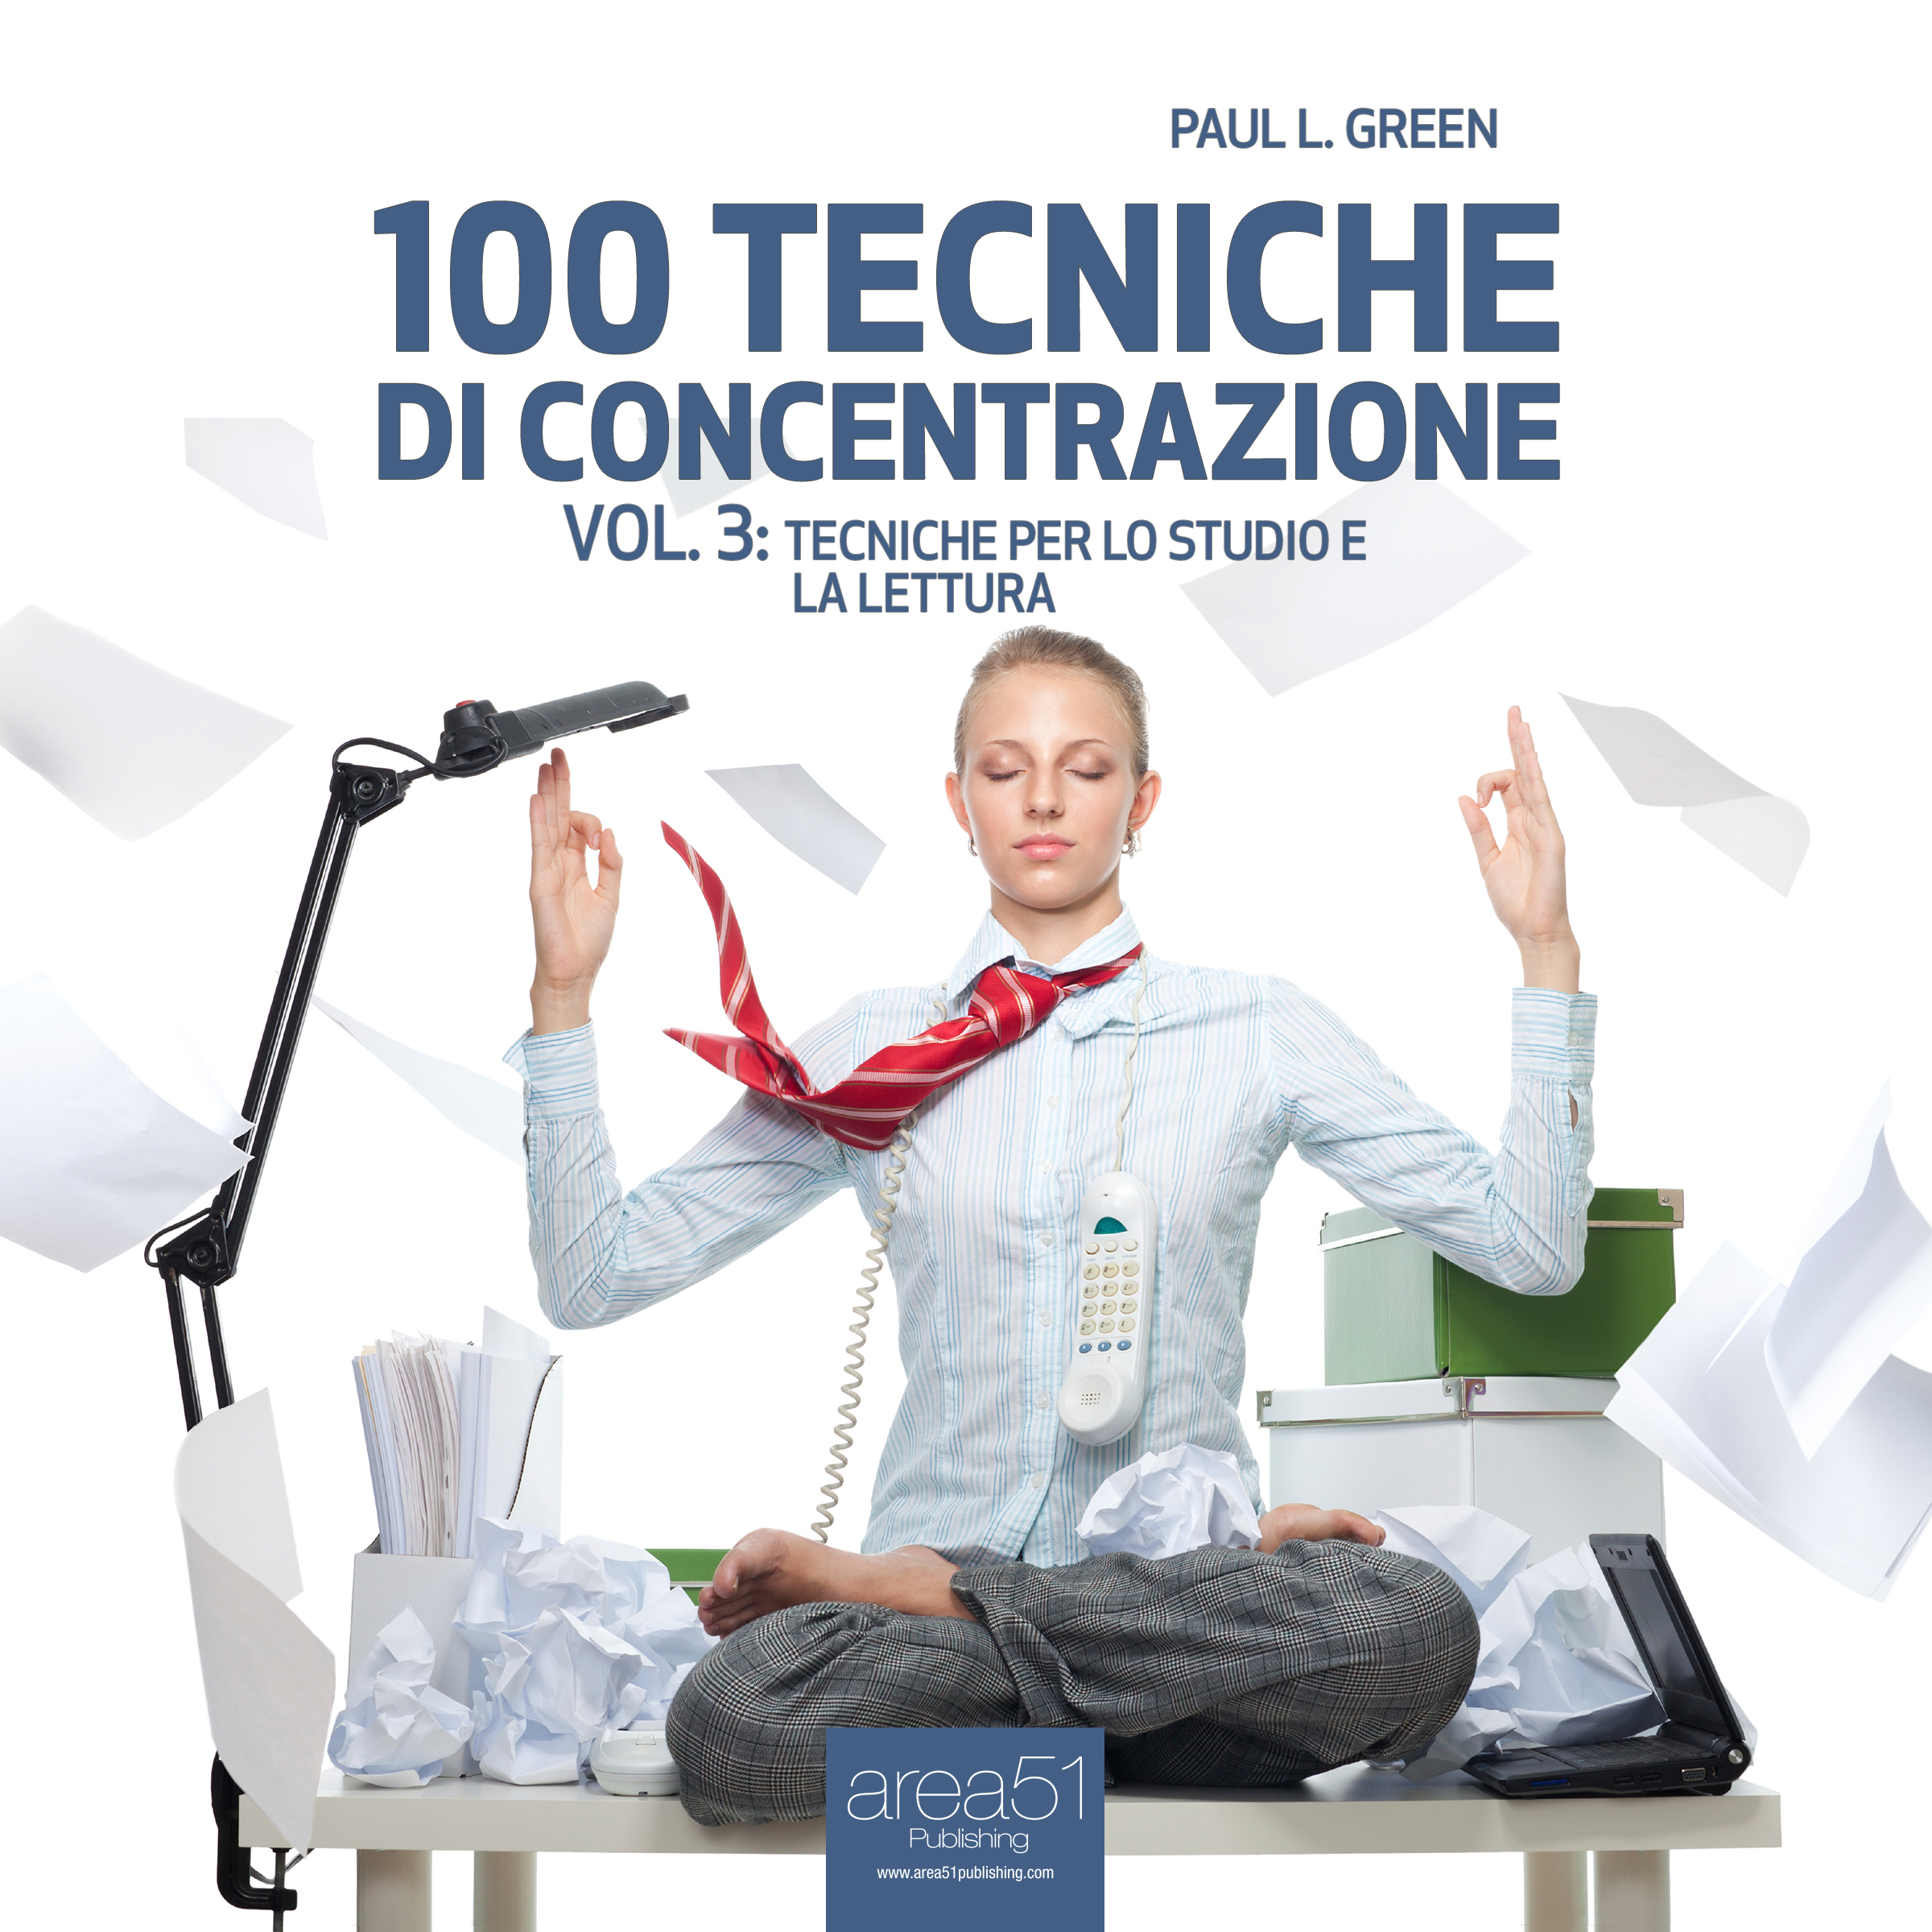 100 tecniche di concentrazione vol. 3. -0